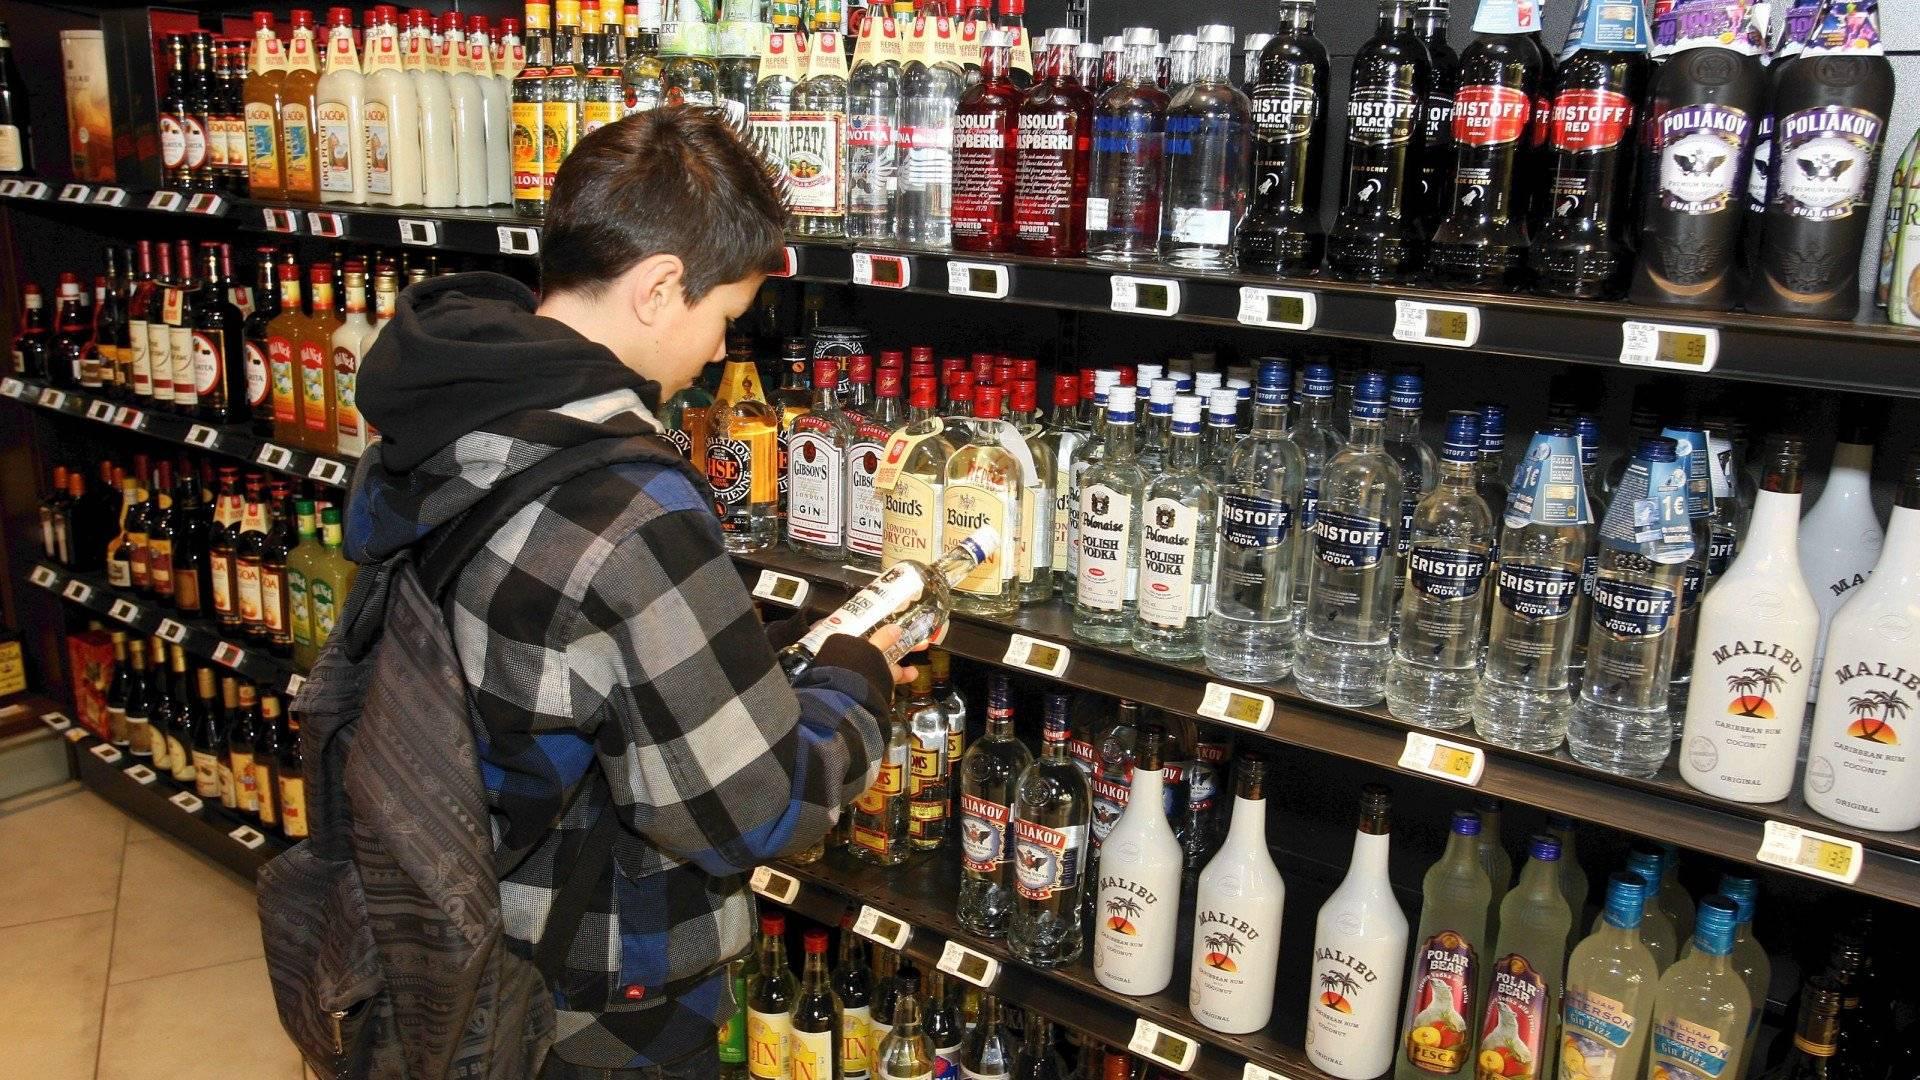 Со скольки лет можно пить алкоголь: с какого возраста допустимо употреблять безалкогольное пиво, вино, водку, коньяк по закону в россии